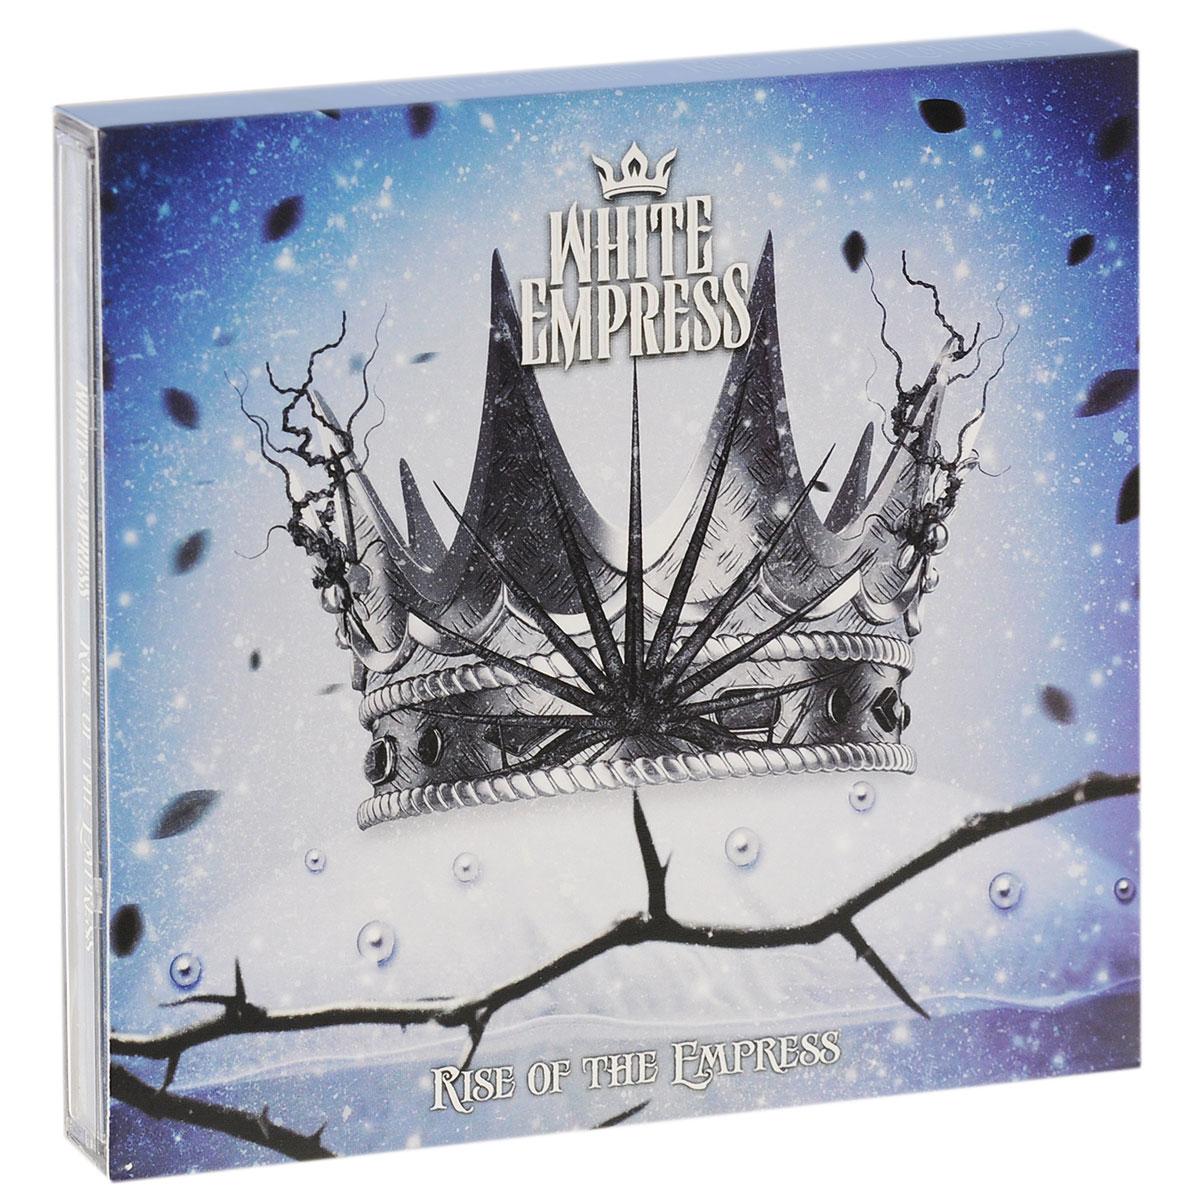 Издание содержит 8-страничный буклет с фотографиями, дополнительной информацией и текстами песен на английском языке.